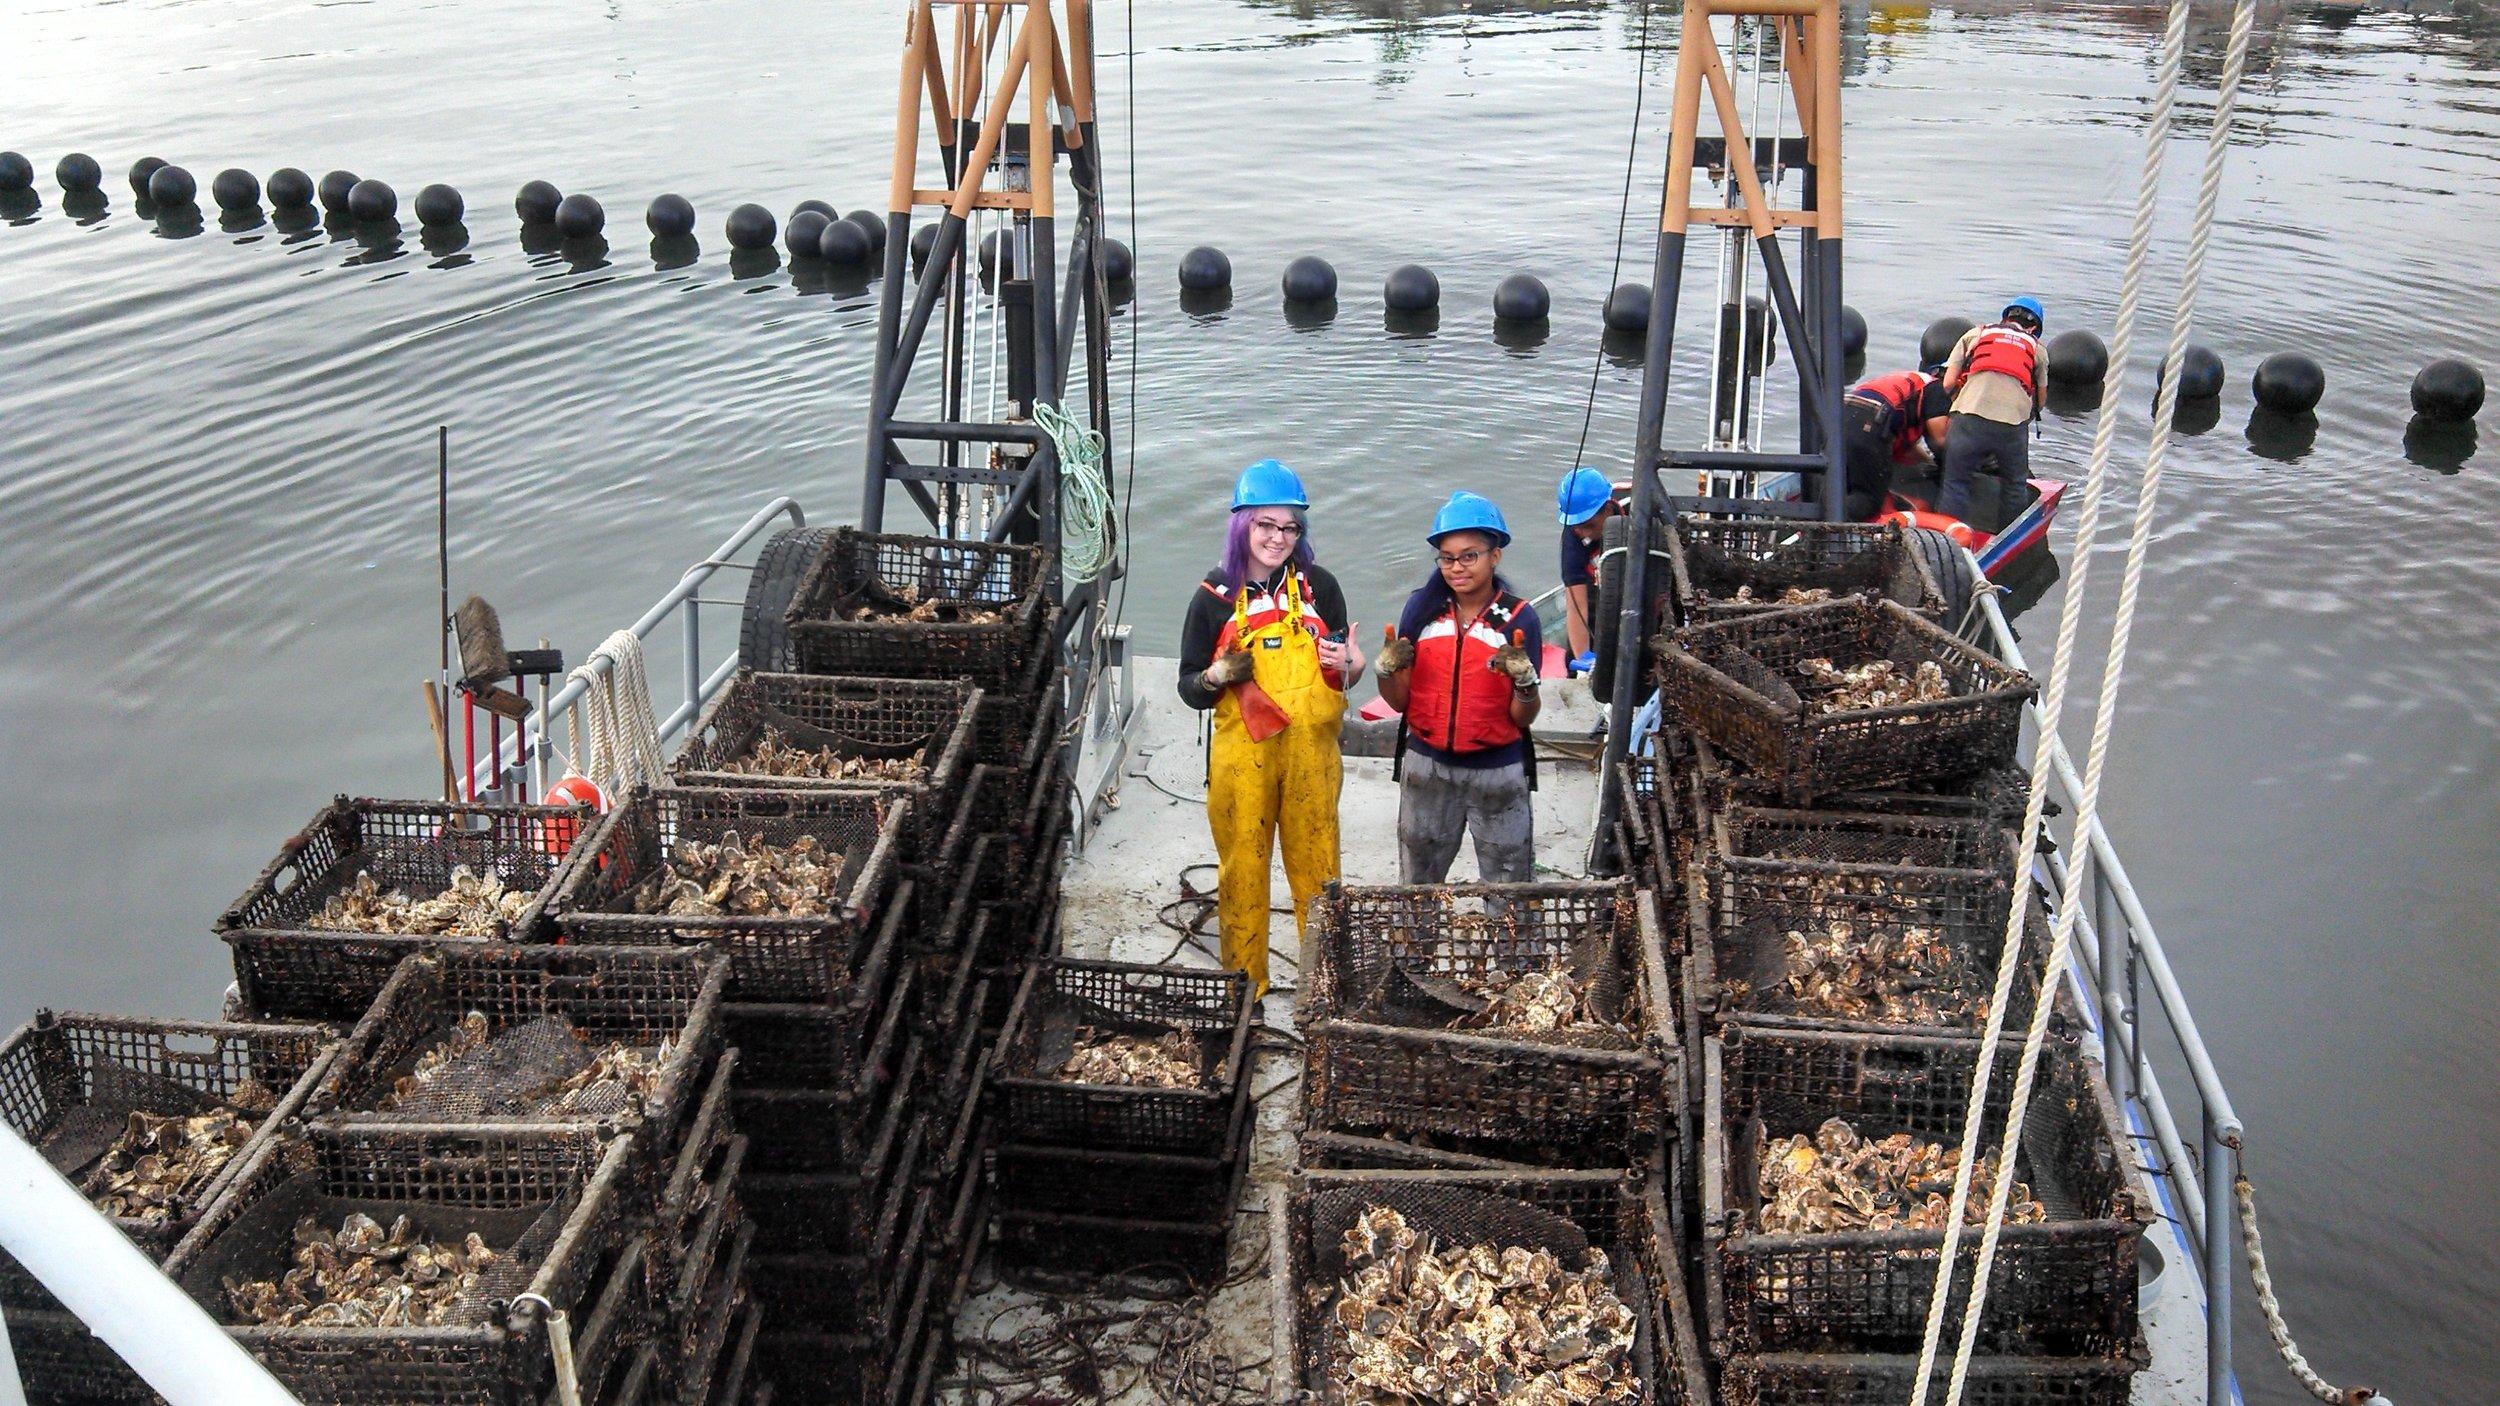 Chỉ trong 3 năm, dự án 1 tỷ con hàu đã khôi phục khoảng 25 triệu con hàu ở cảng biển New York.